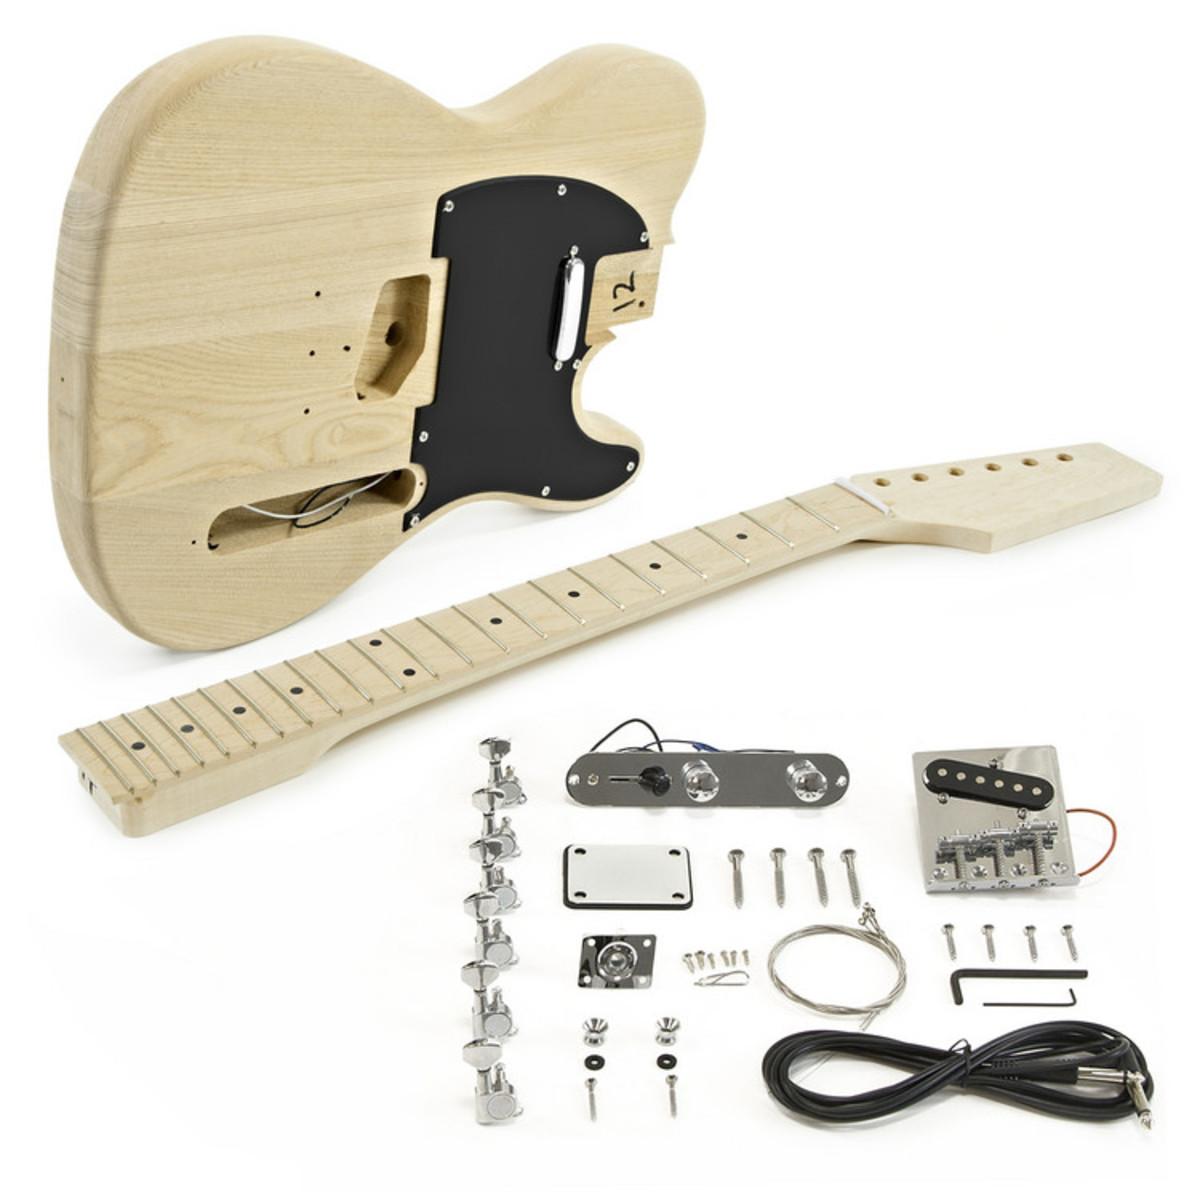 Knoxville-E-Gitarre, Eschenkorpus, Bausatz | Gear4music